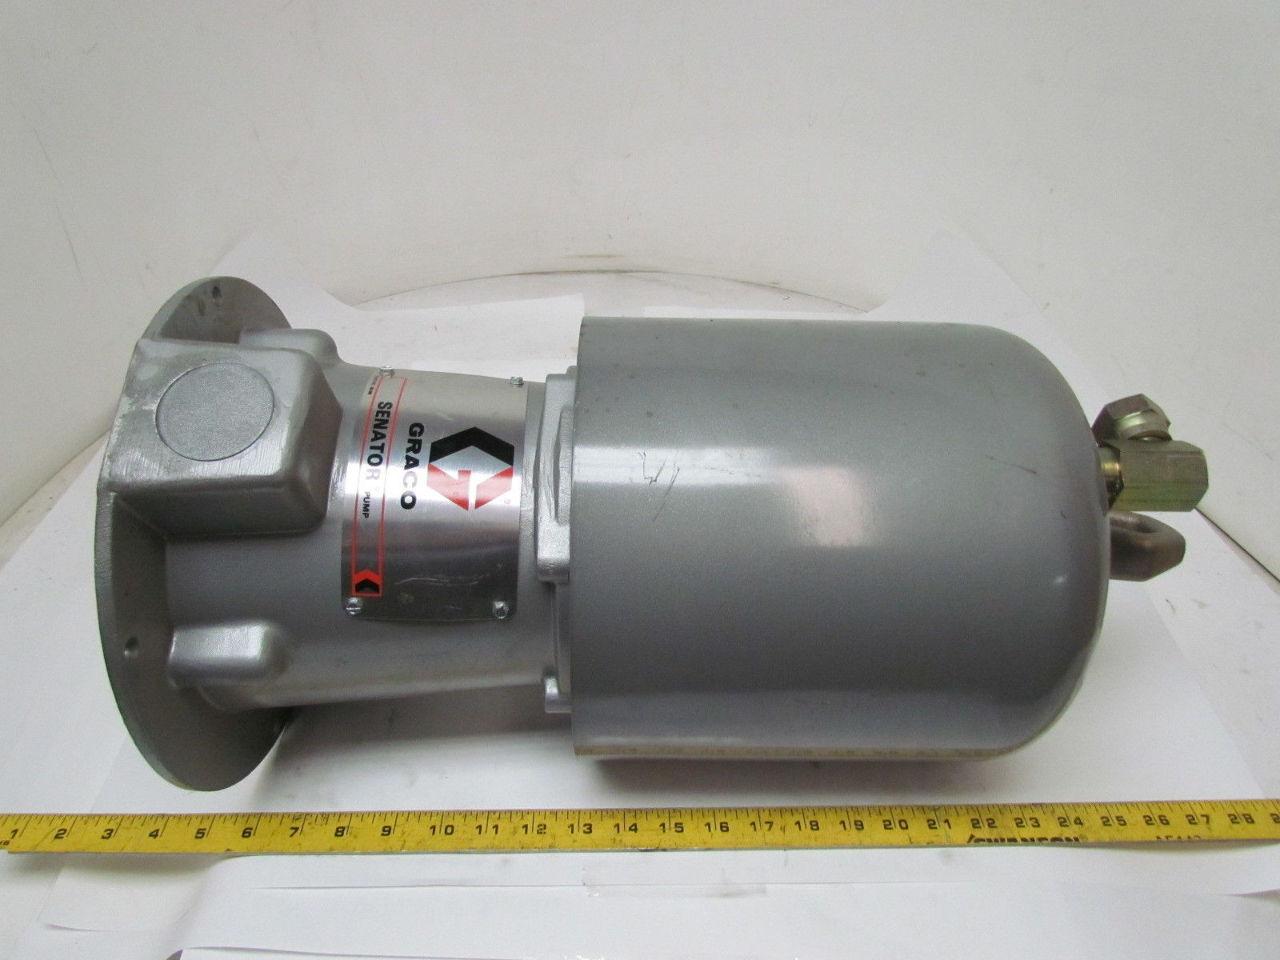 Graco 217 540 243876 senator pump air motor in for Piston type air motor